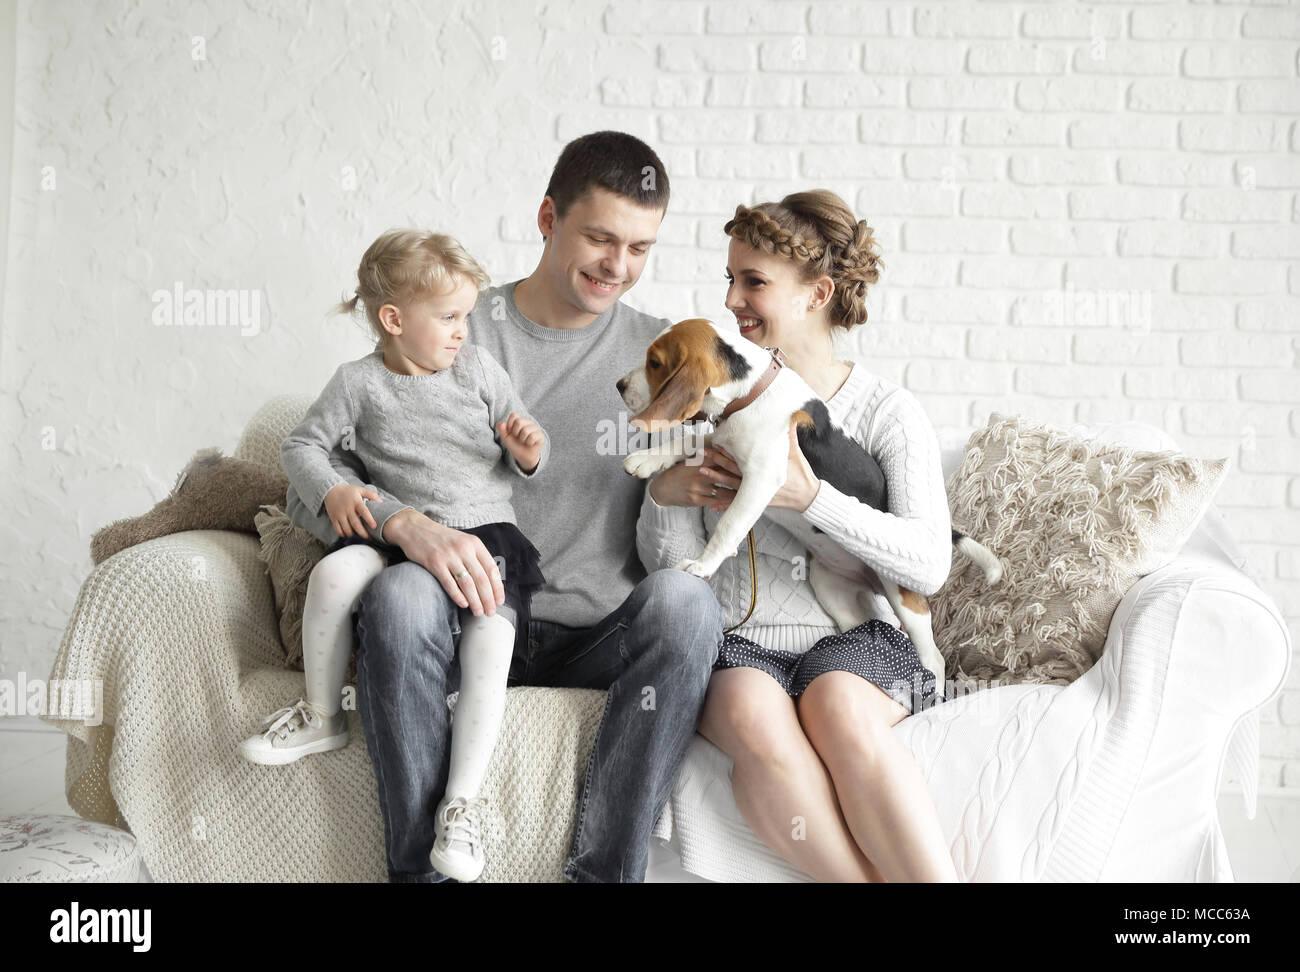 Eltern mit einer kleinen Tochter und pet das Sitzen auf der Couch. Stockfoto